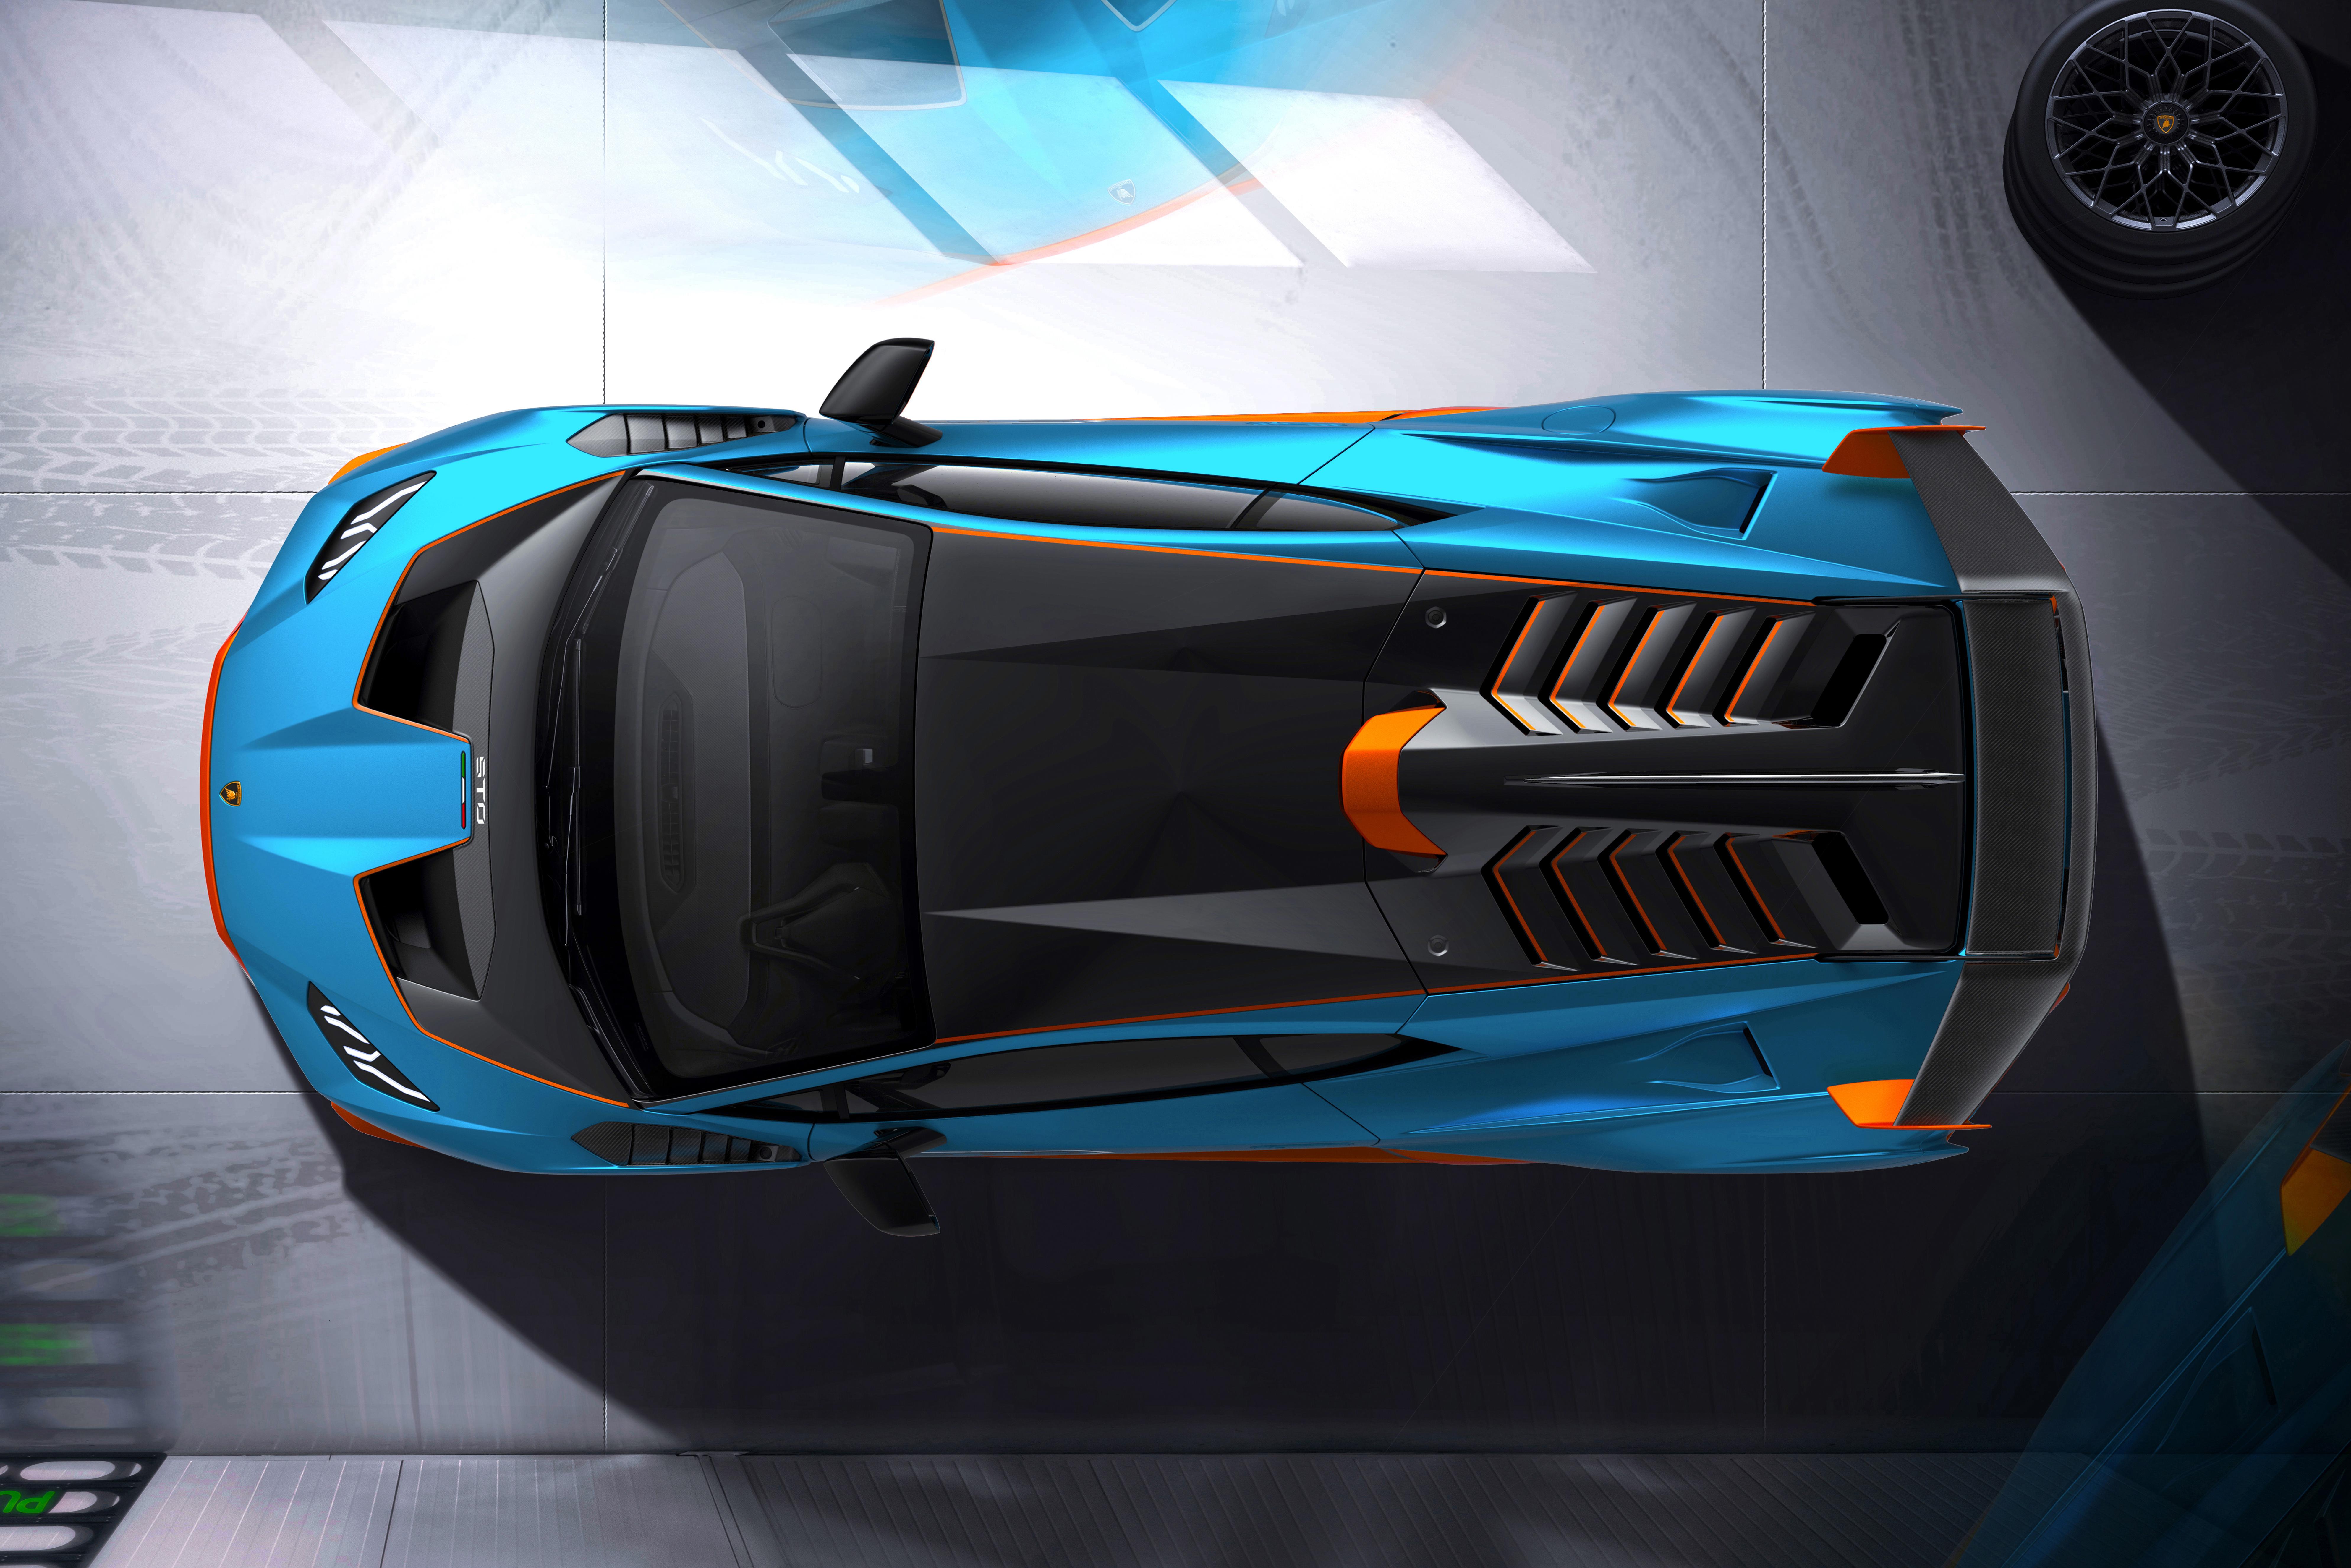 lamborghini huracan sto top view 4k 1608980021 - Lamborghini Huracan Sto Top View 4k - Lamborghini Huracan Sto Top View 4k wallpapers